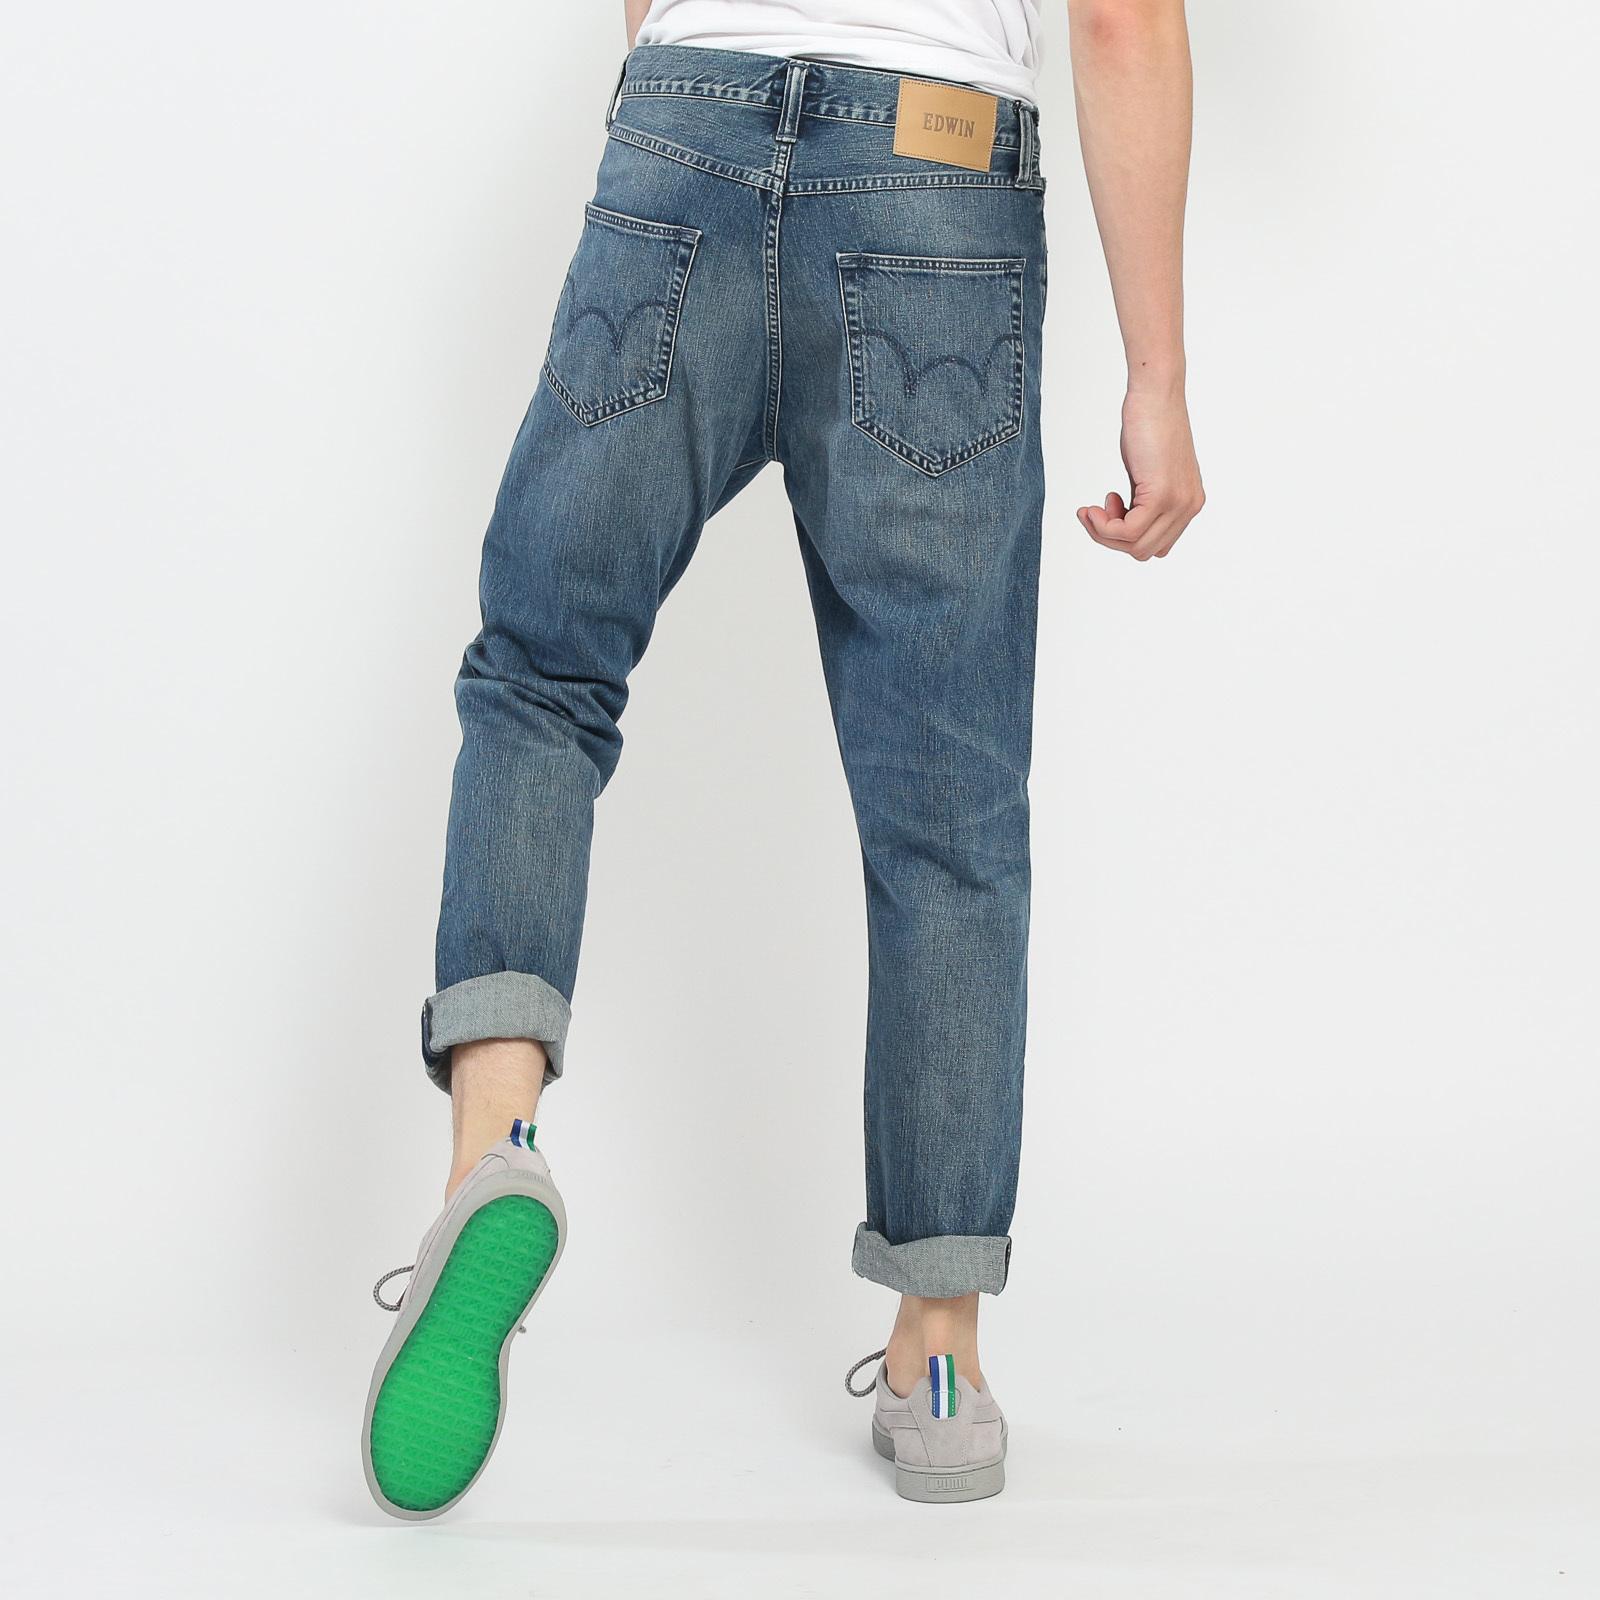 Jak fitují Edwin jeans?